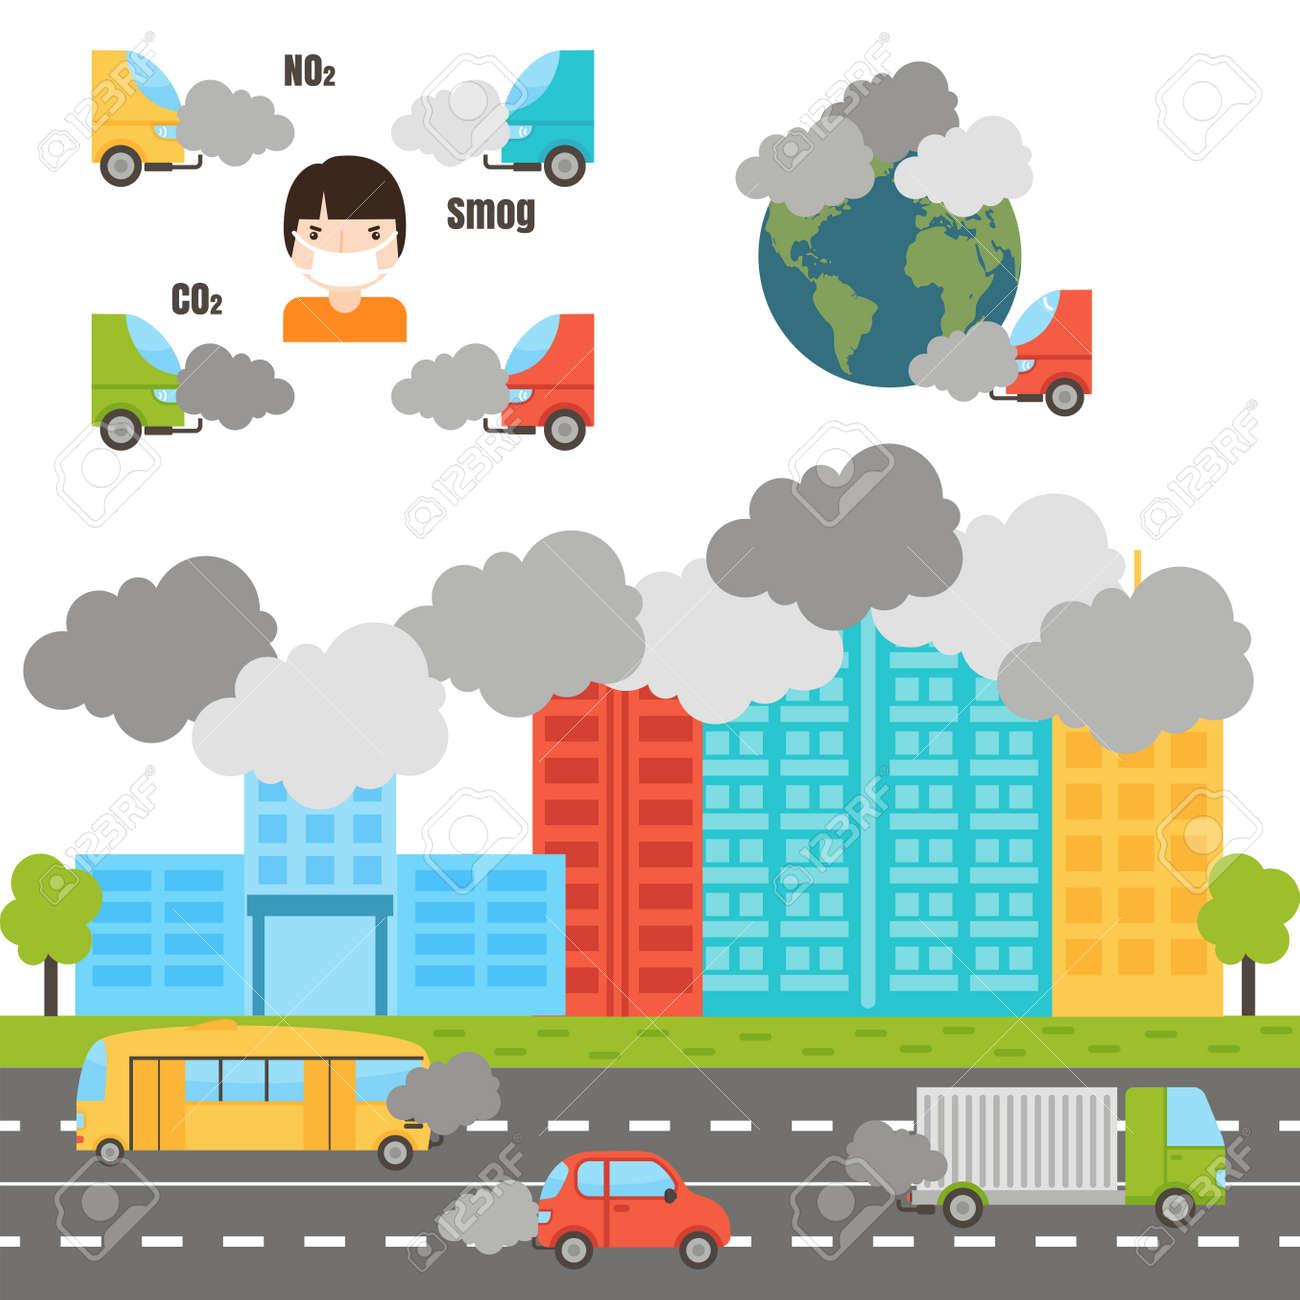 生態インフォ グラフィック設定空気水と土壌汚染図ベクトル イラスト煙